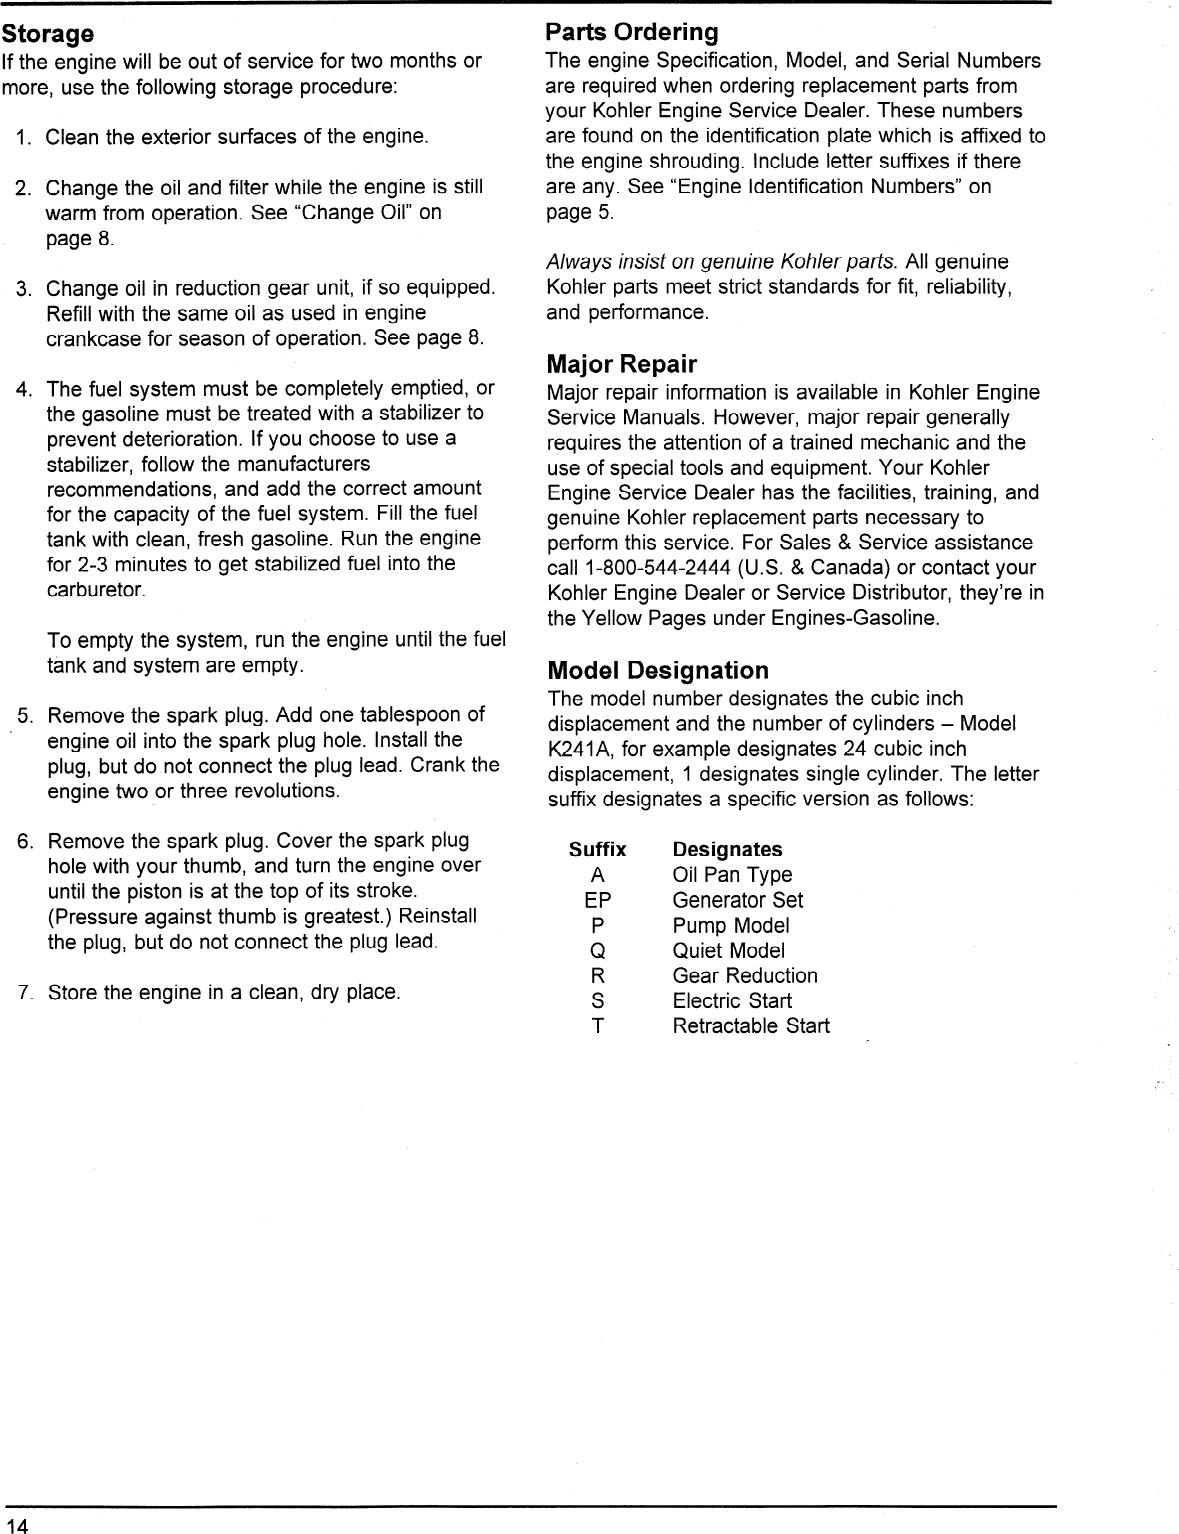 Kohler K241 Users Manual Owner's S K241, K301, K321, & K341